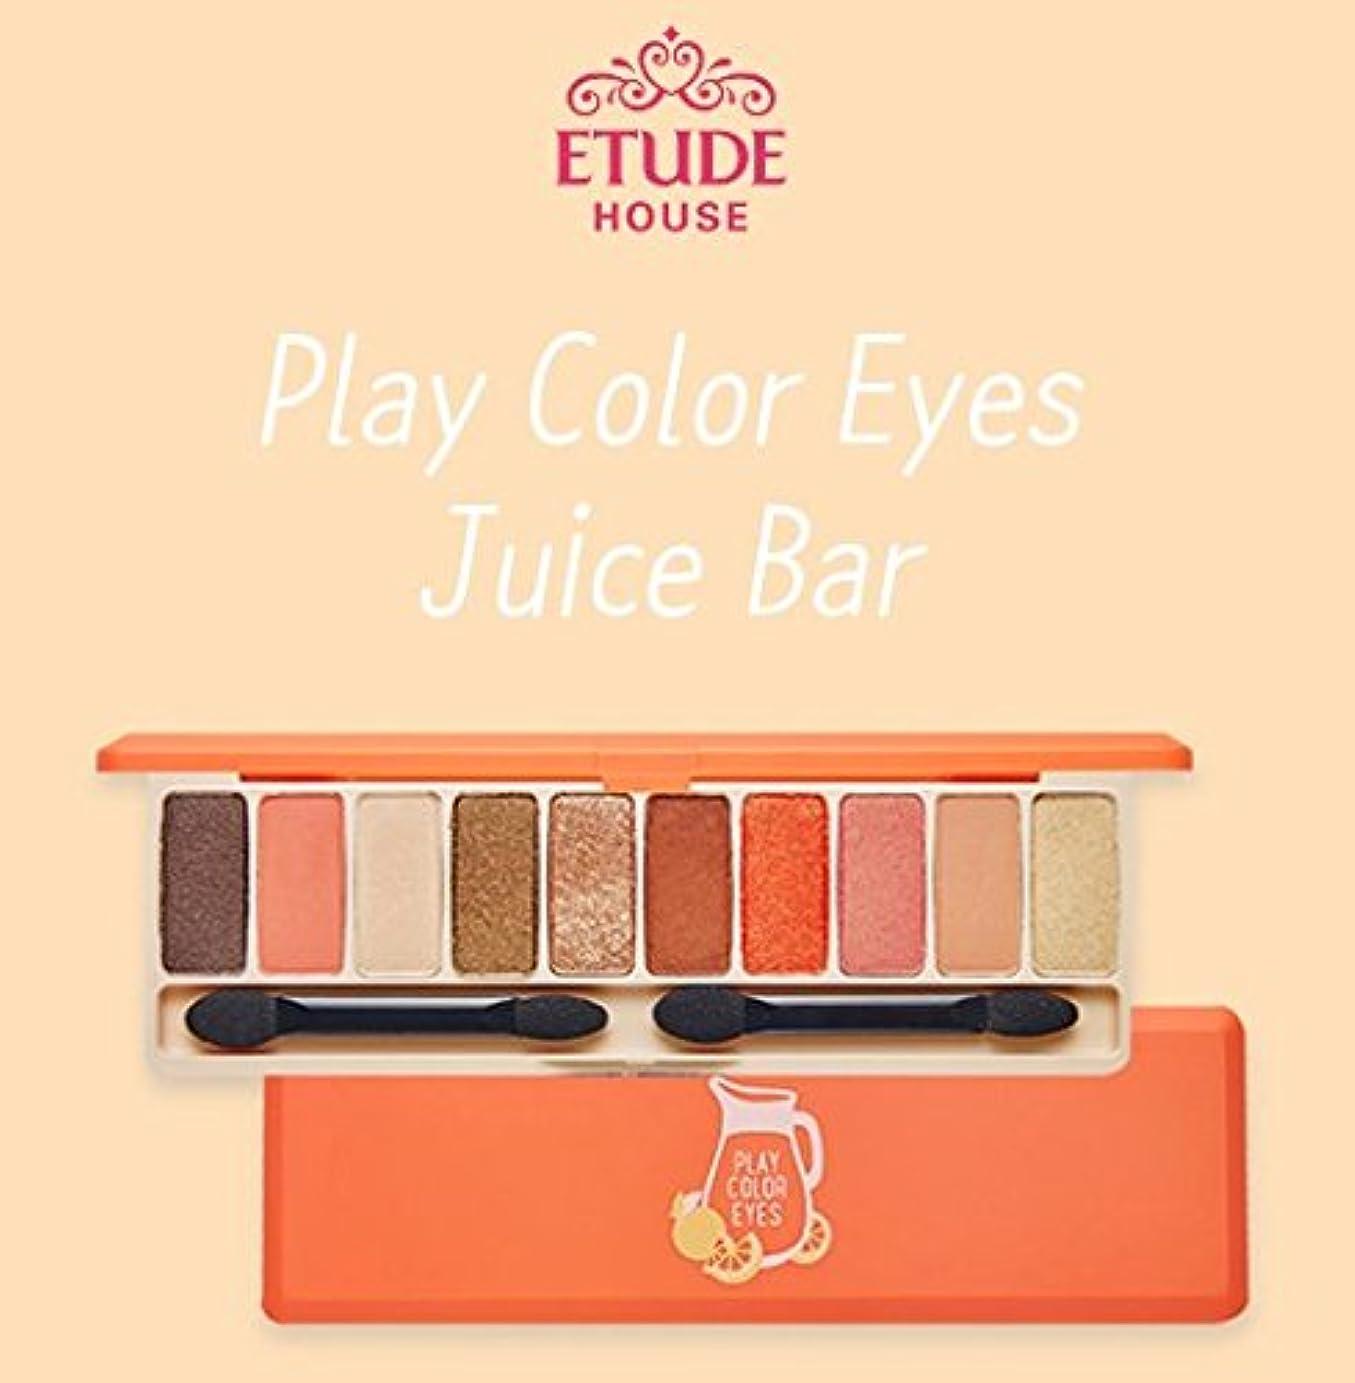 余韻リップペネロペ[Etude House] ジュース バー アイシャドウ Play Color Eyes Juice Bar